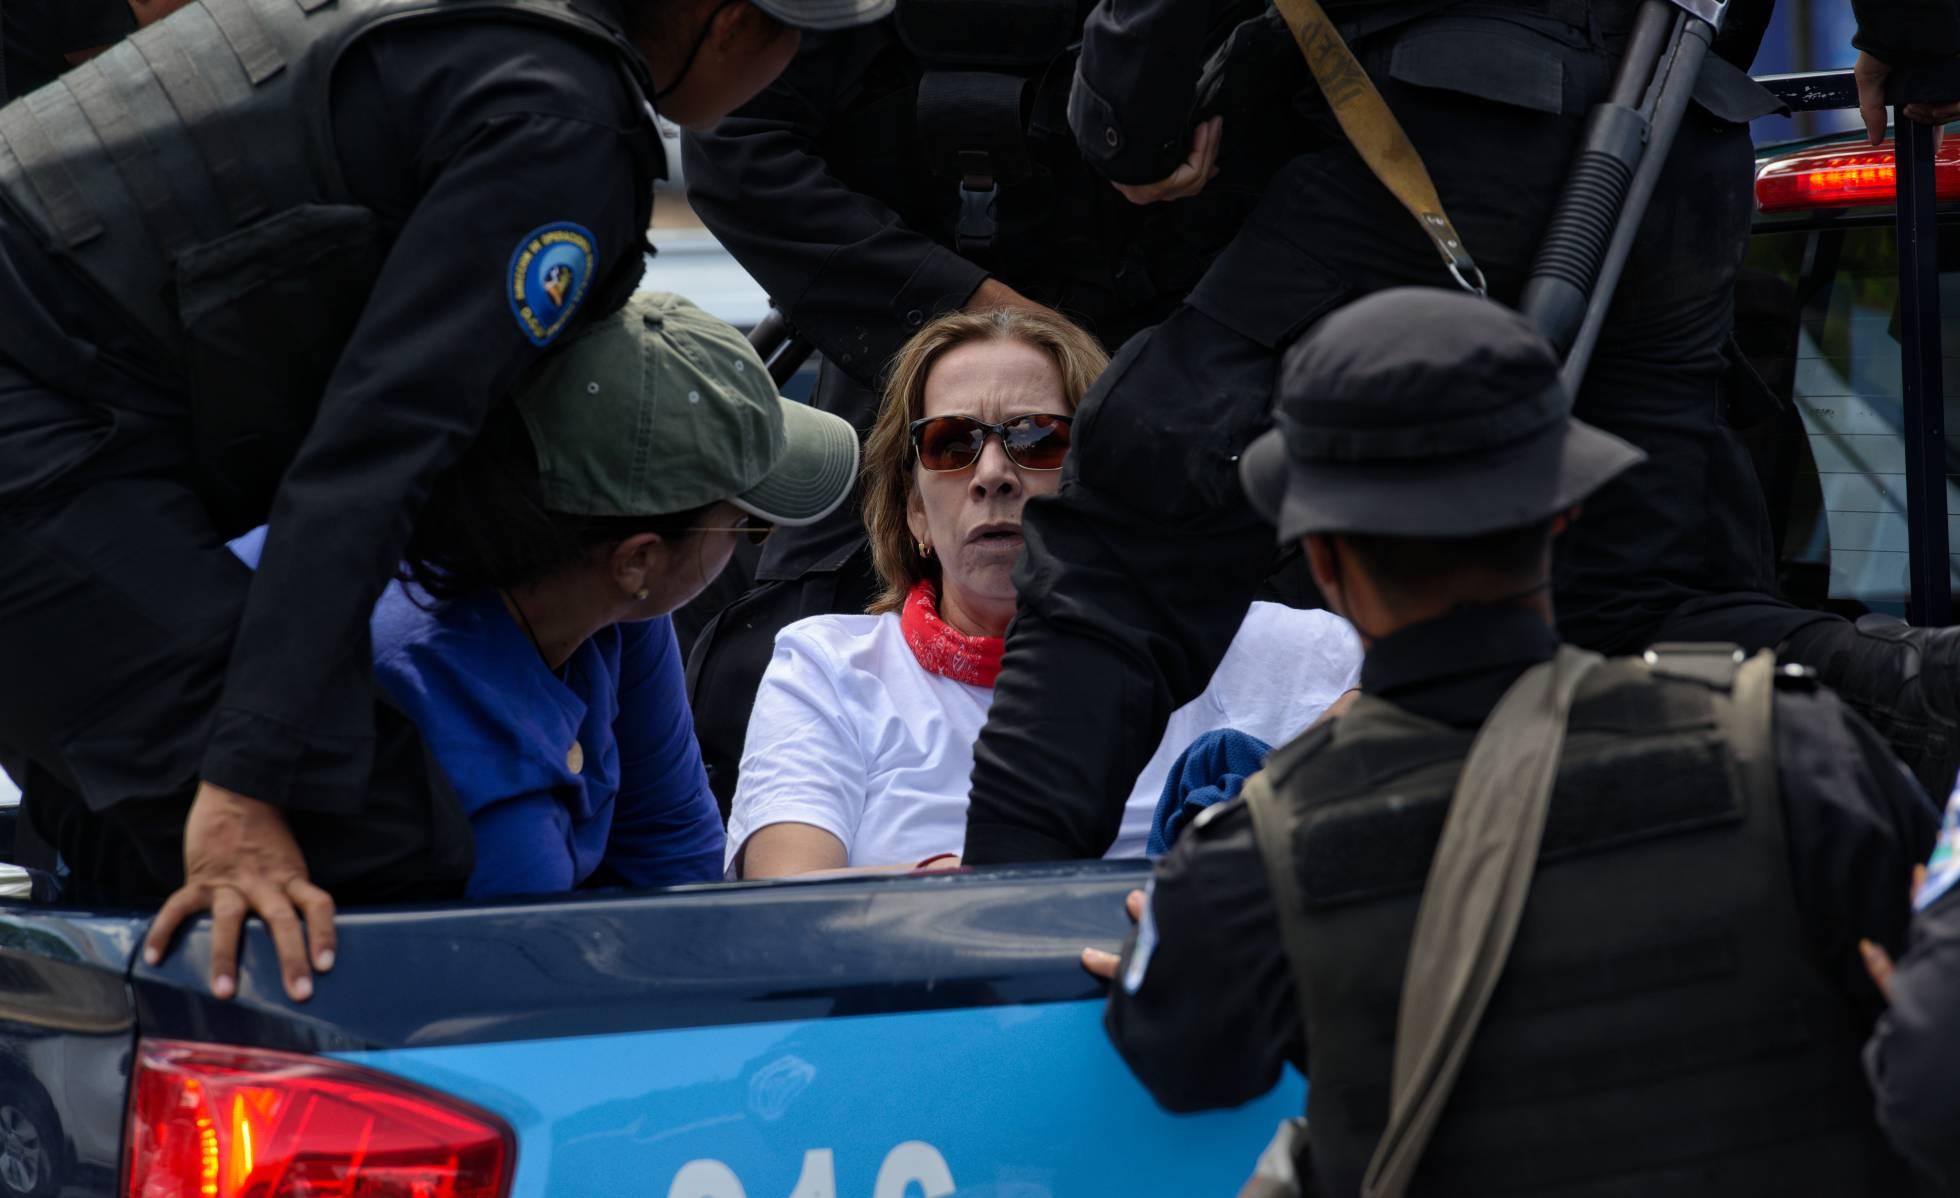 El régimen de Ortega reprime la manifestación opositora en Nicaragua